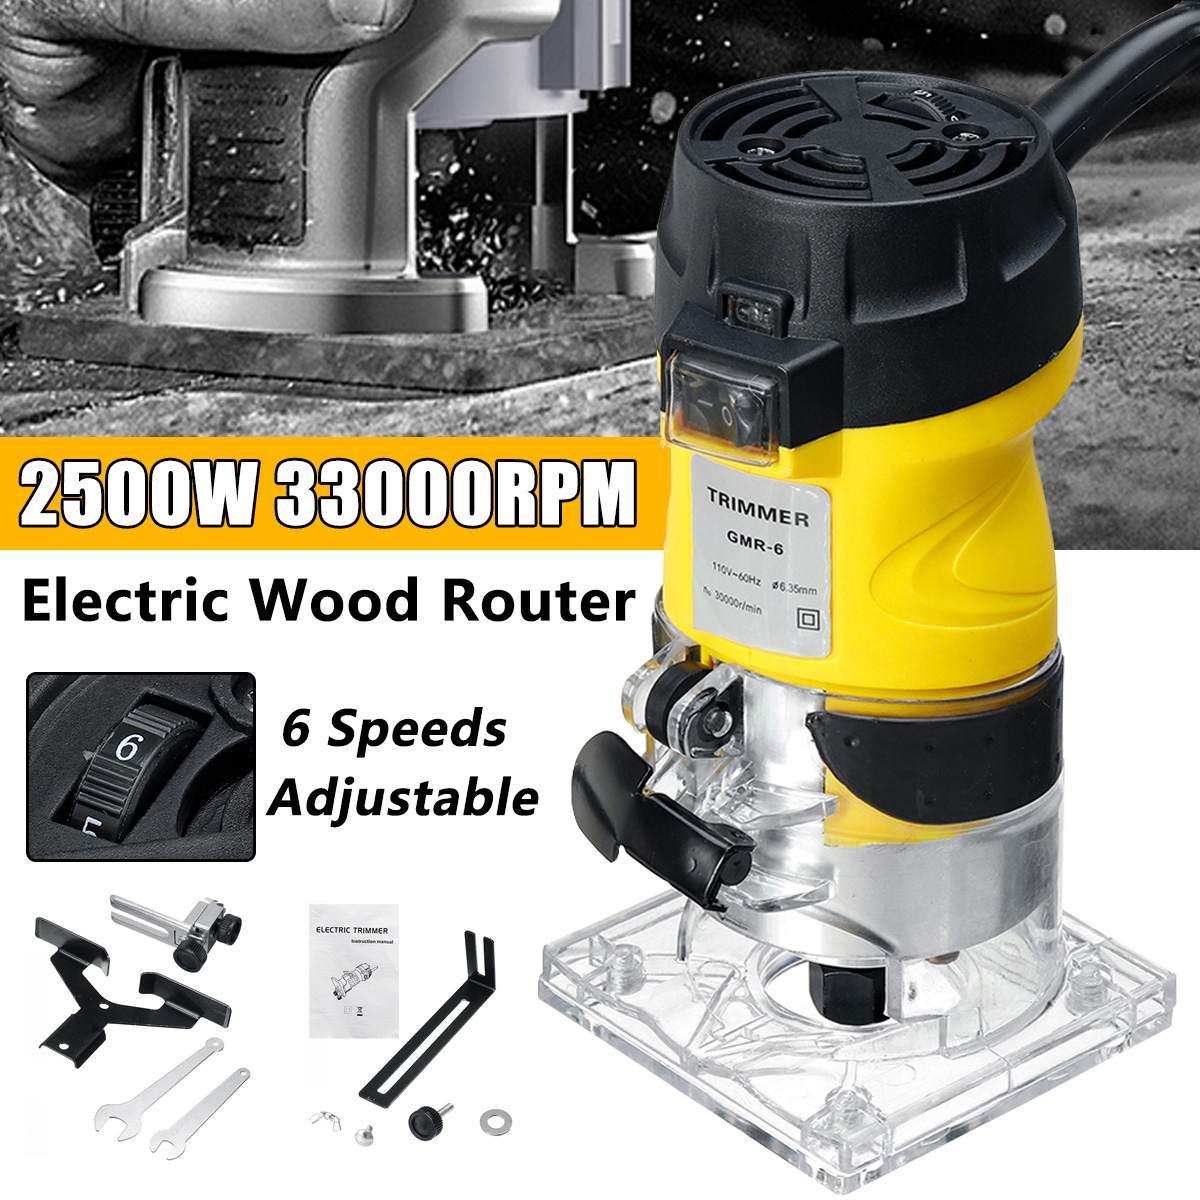 NEUE 2200W Elektrische Hand Trimmer Holz Router 6,35mm Holzbearbeitung Laminator Zimmerei Trimmen Schneiden Carving Maschine Power Tool